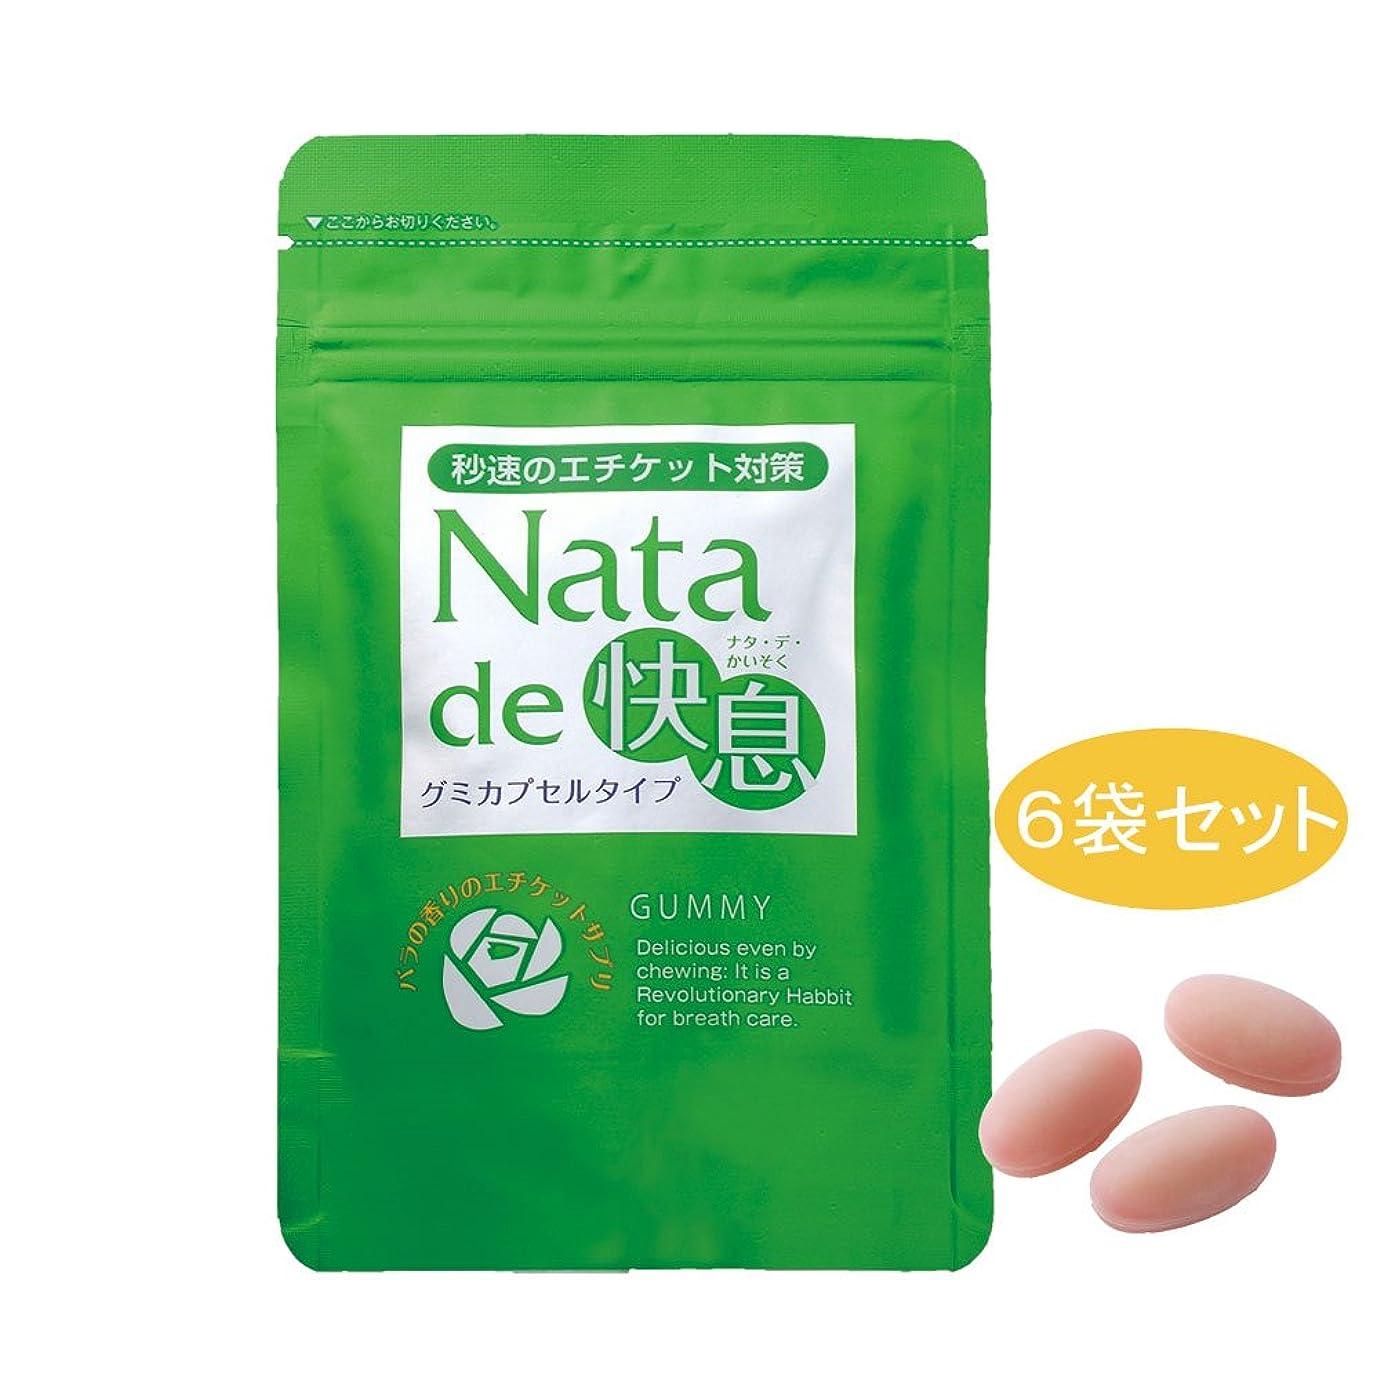 便利さピットいつかナタデ快息 バラの香り 6袋